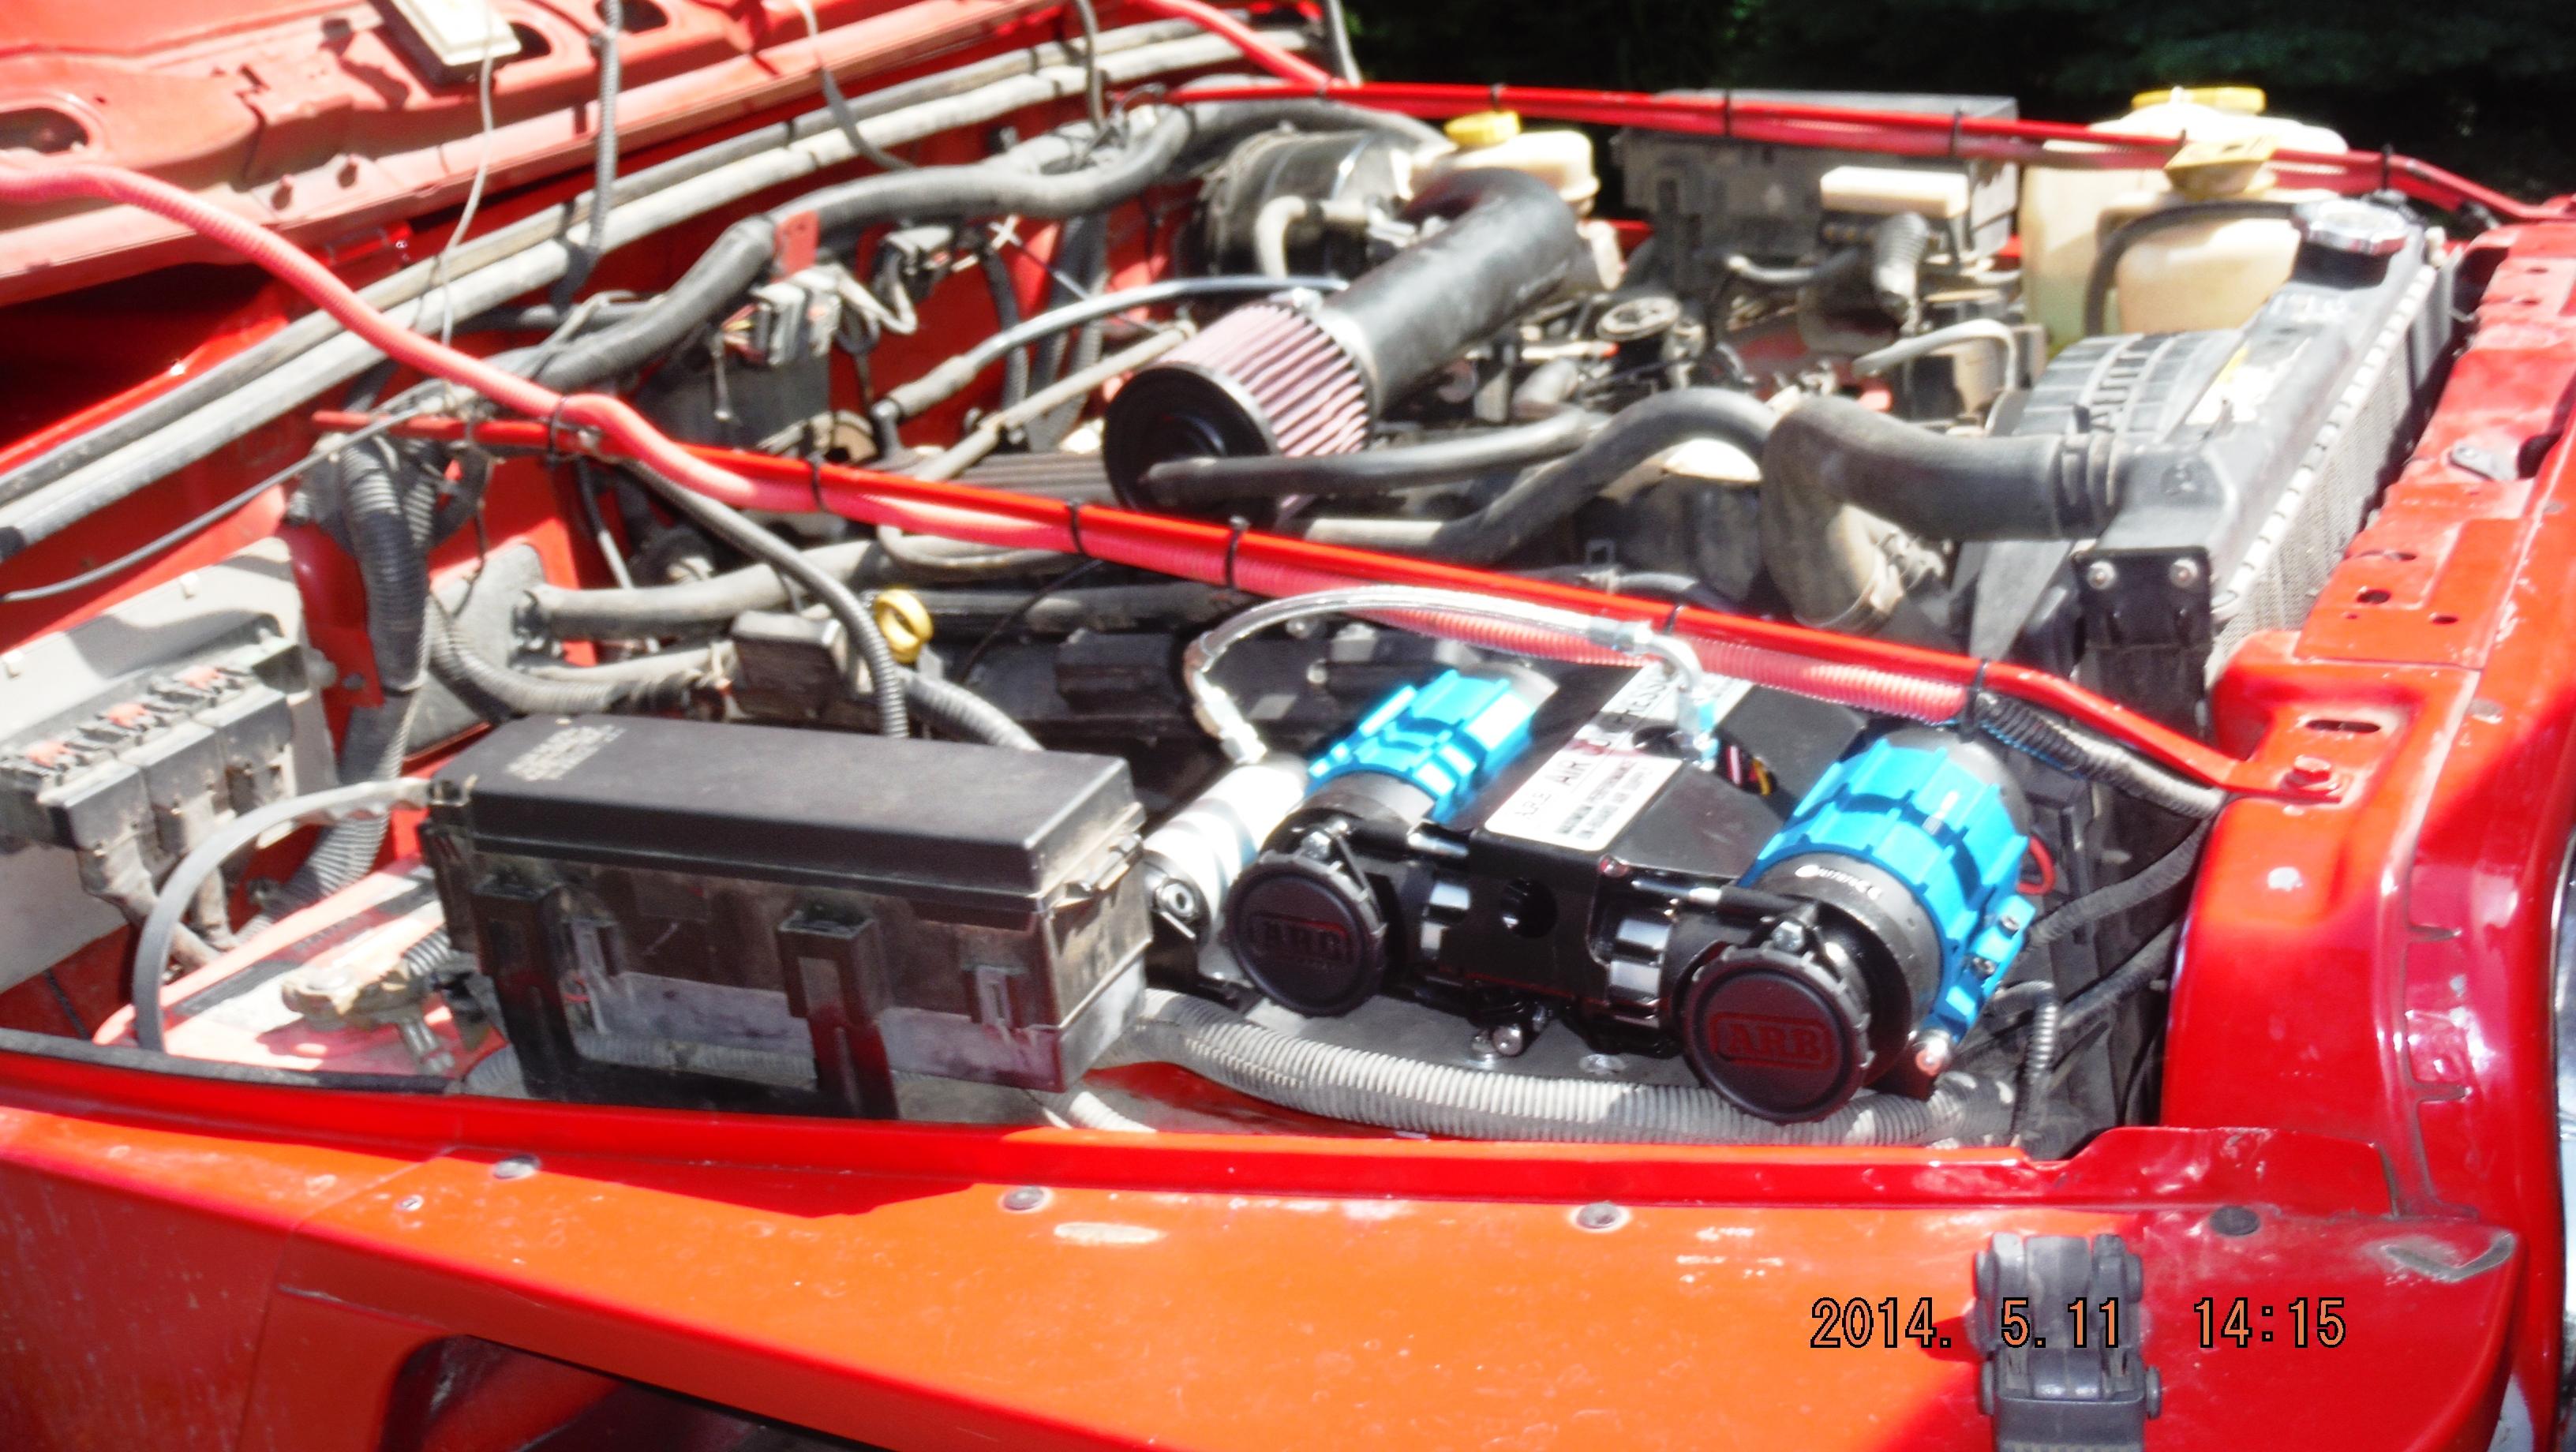 arb-compressor-install-005.jpg